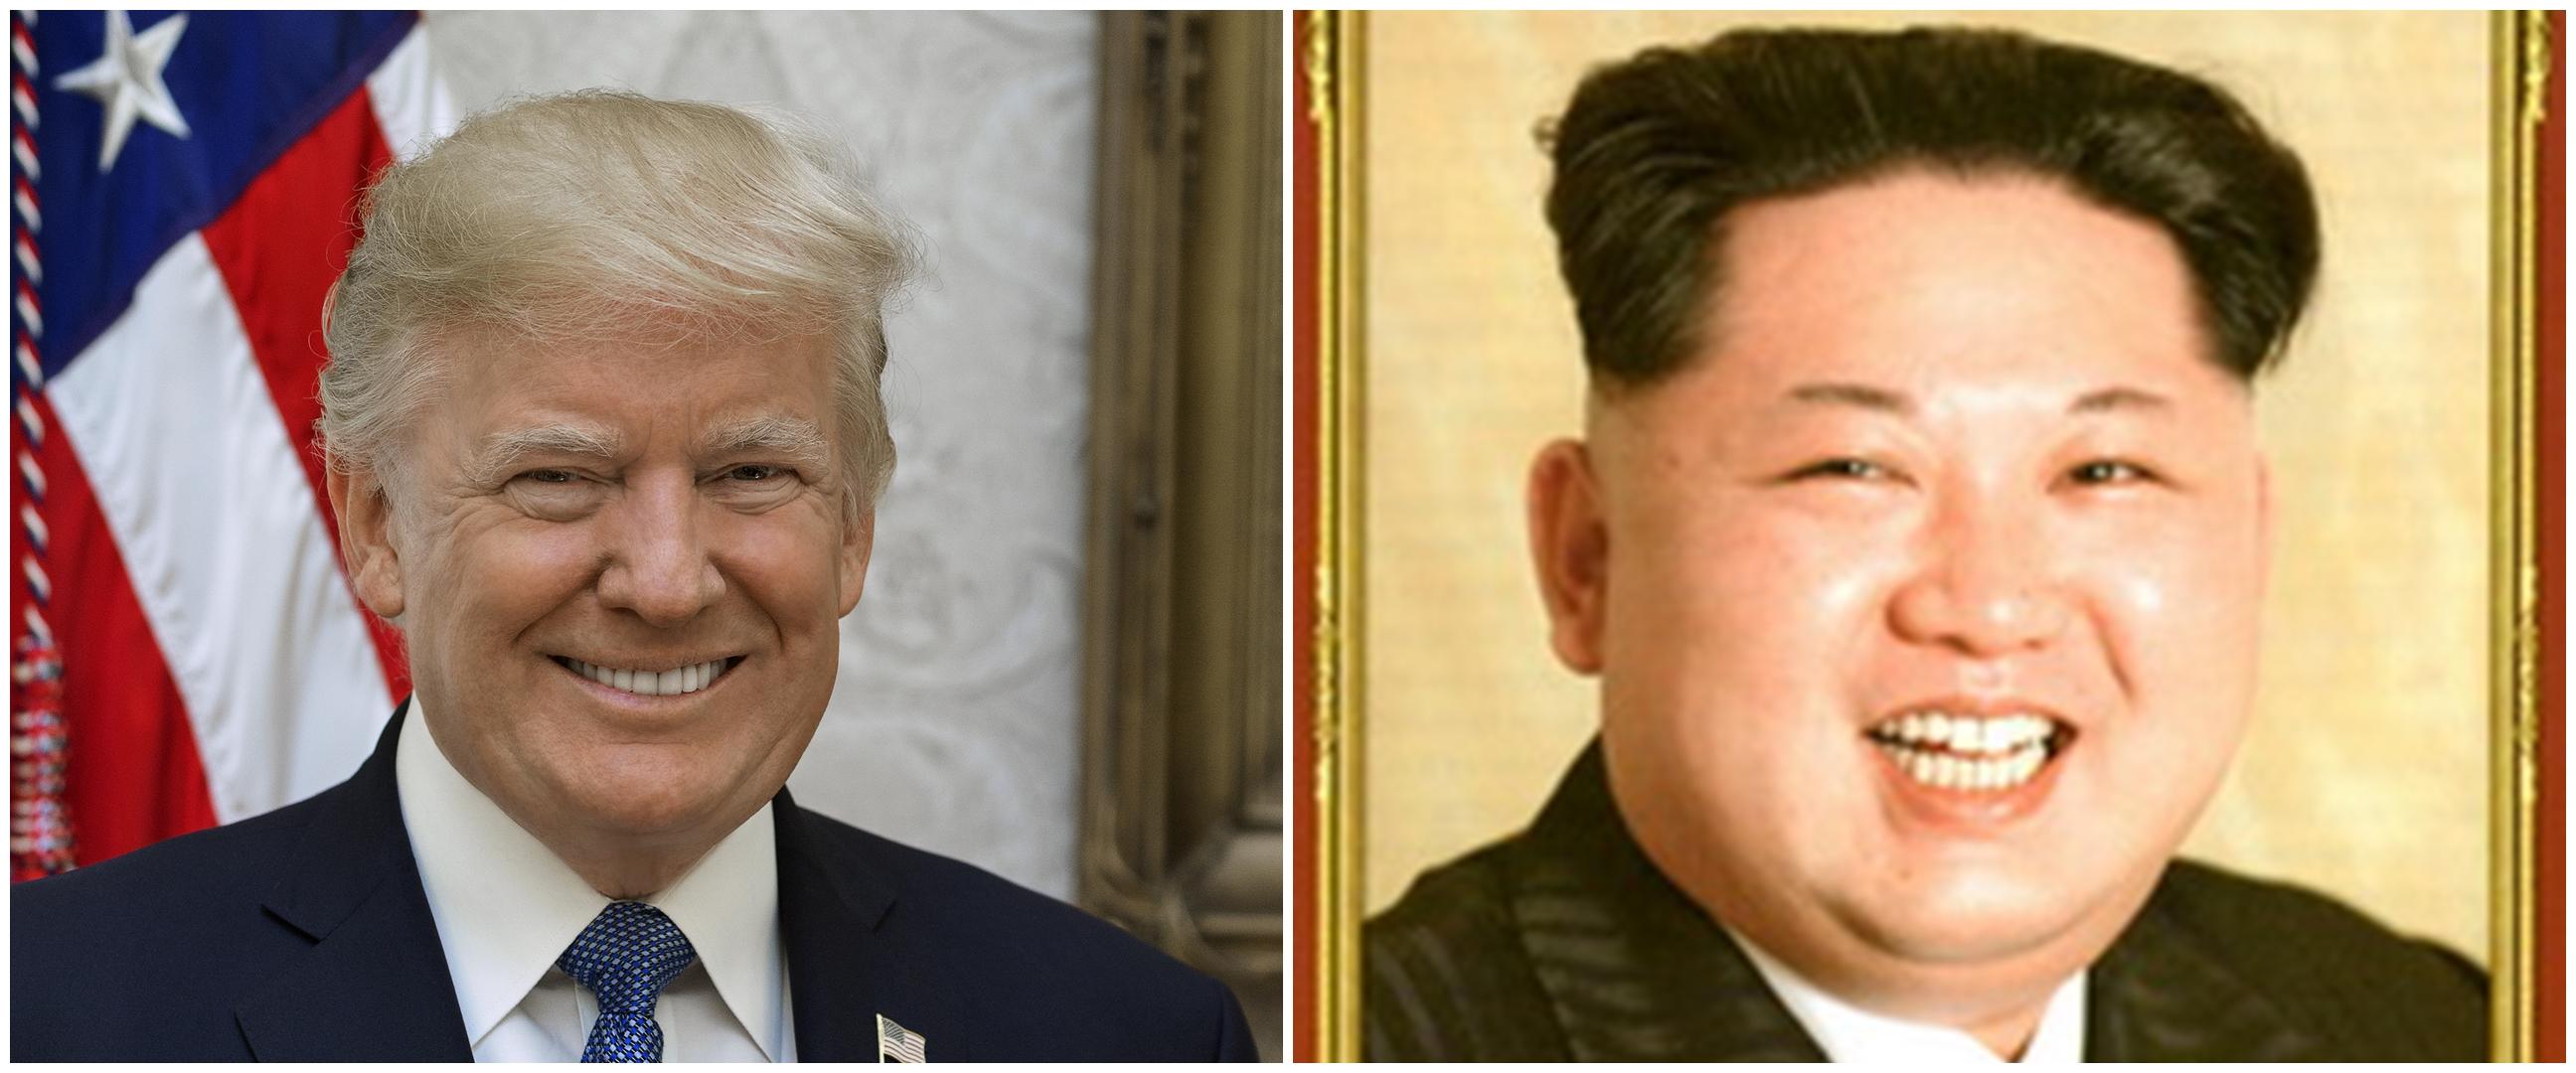 Donald Trump positif Covid-19, ini ungkapan simpati Kim Jong-un